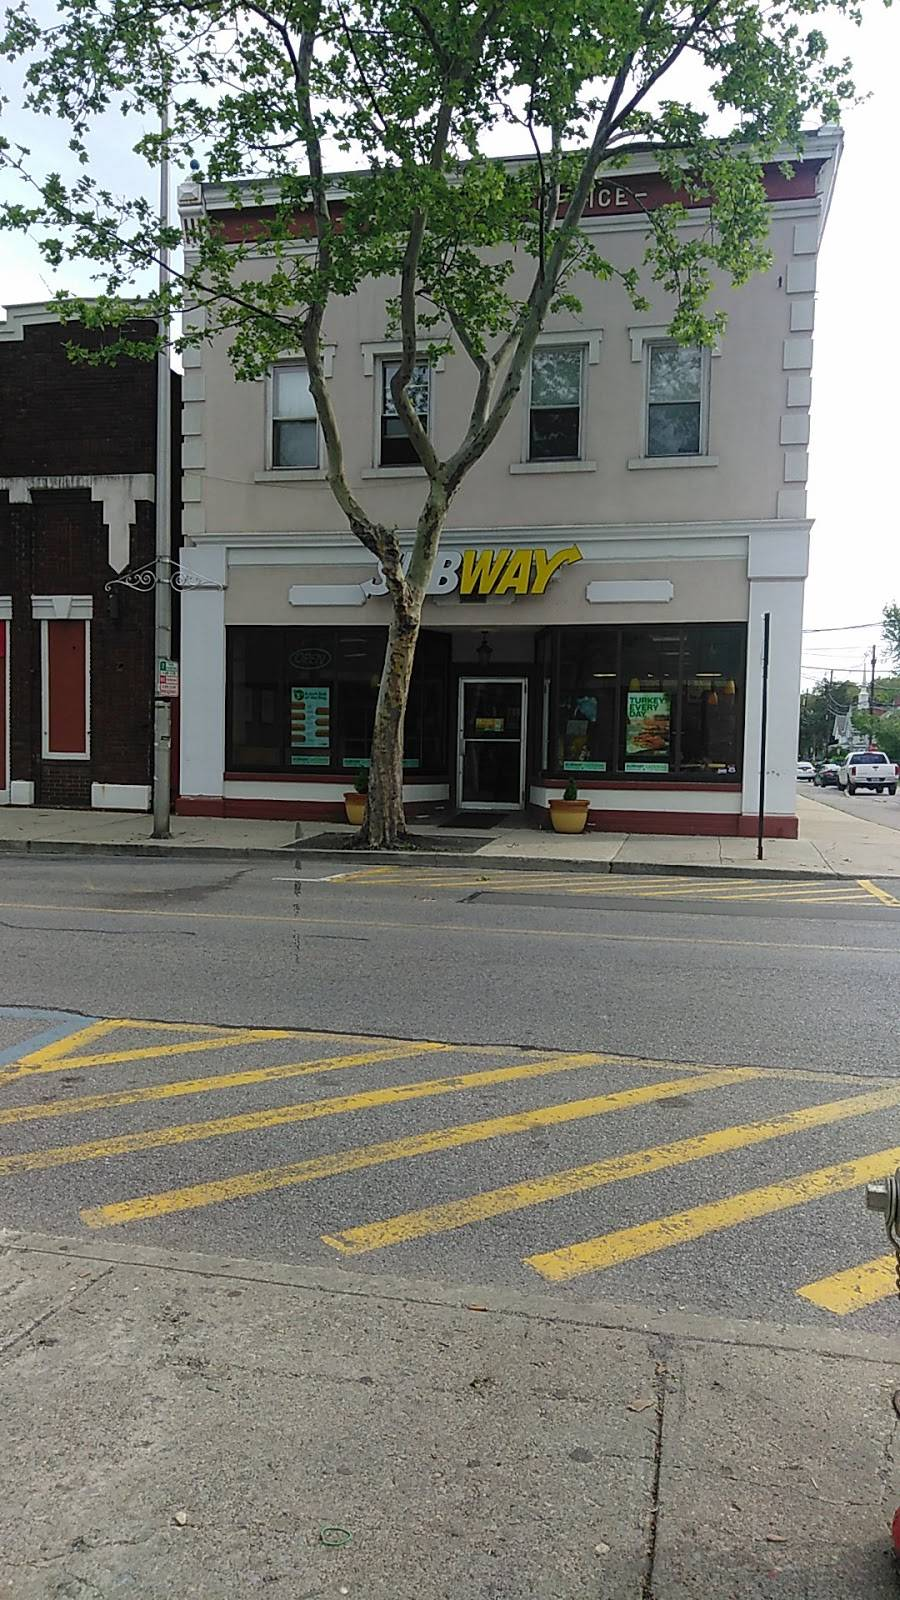 Subway Restaurants   restaurant   294 Main St, Beacon, NY 12508, USA   8457658787 OR +1 845-765-8787